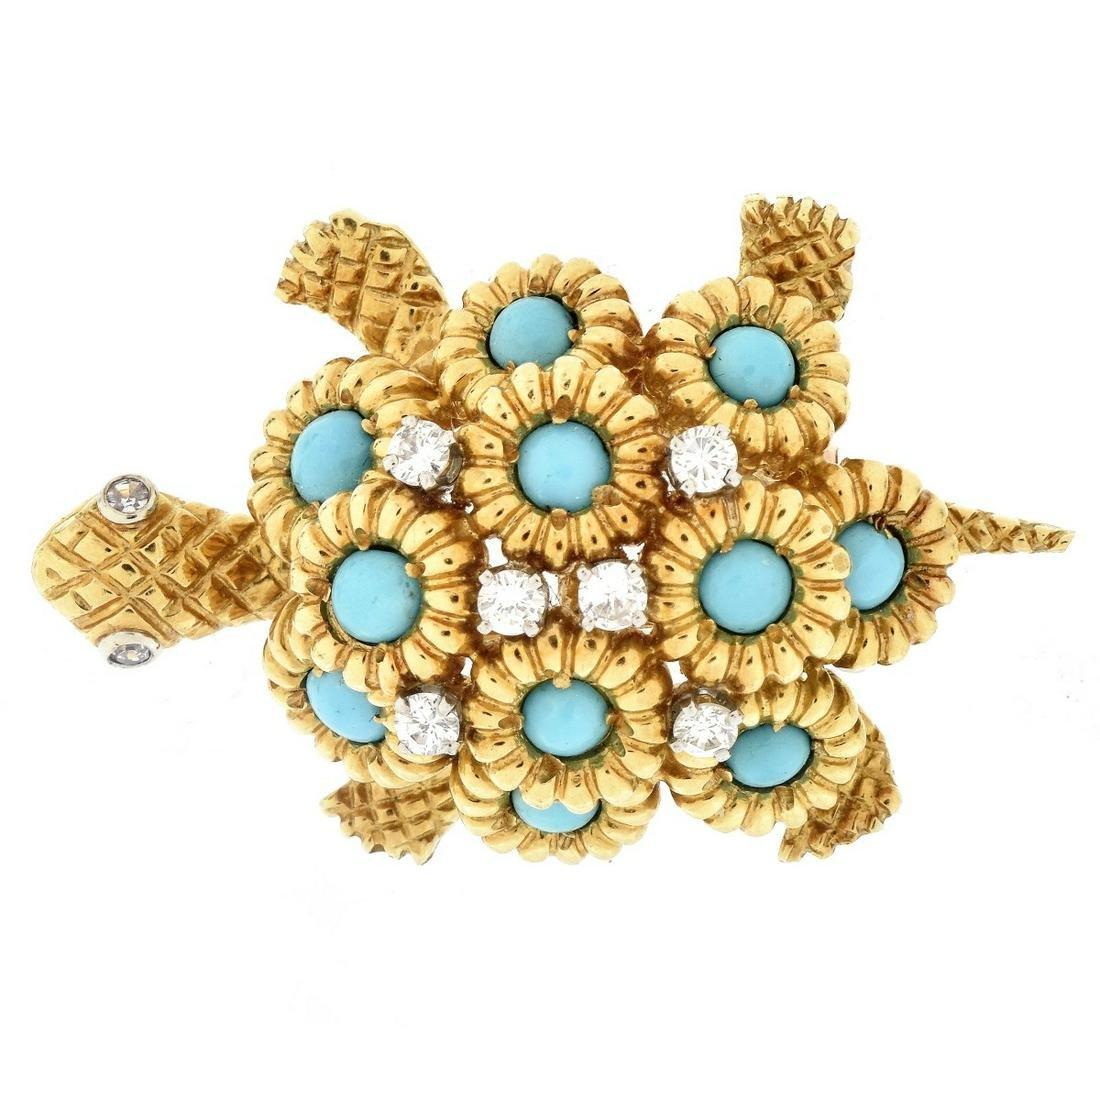 Vintage 18K Gold Turtle Brooch